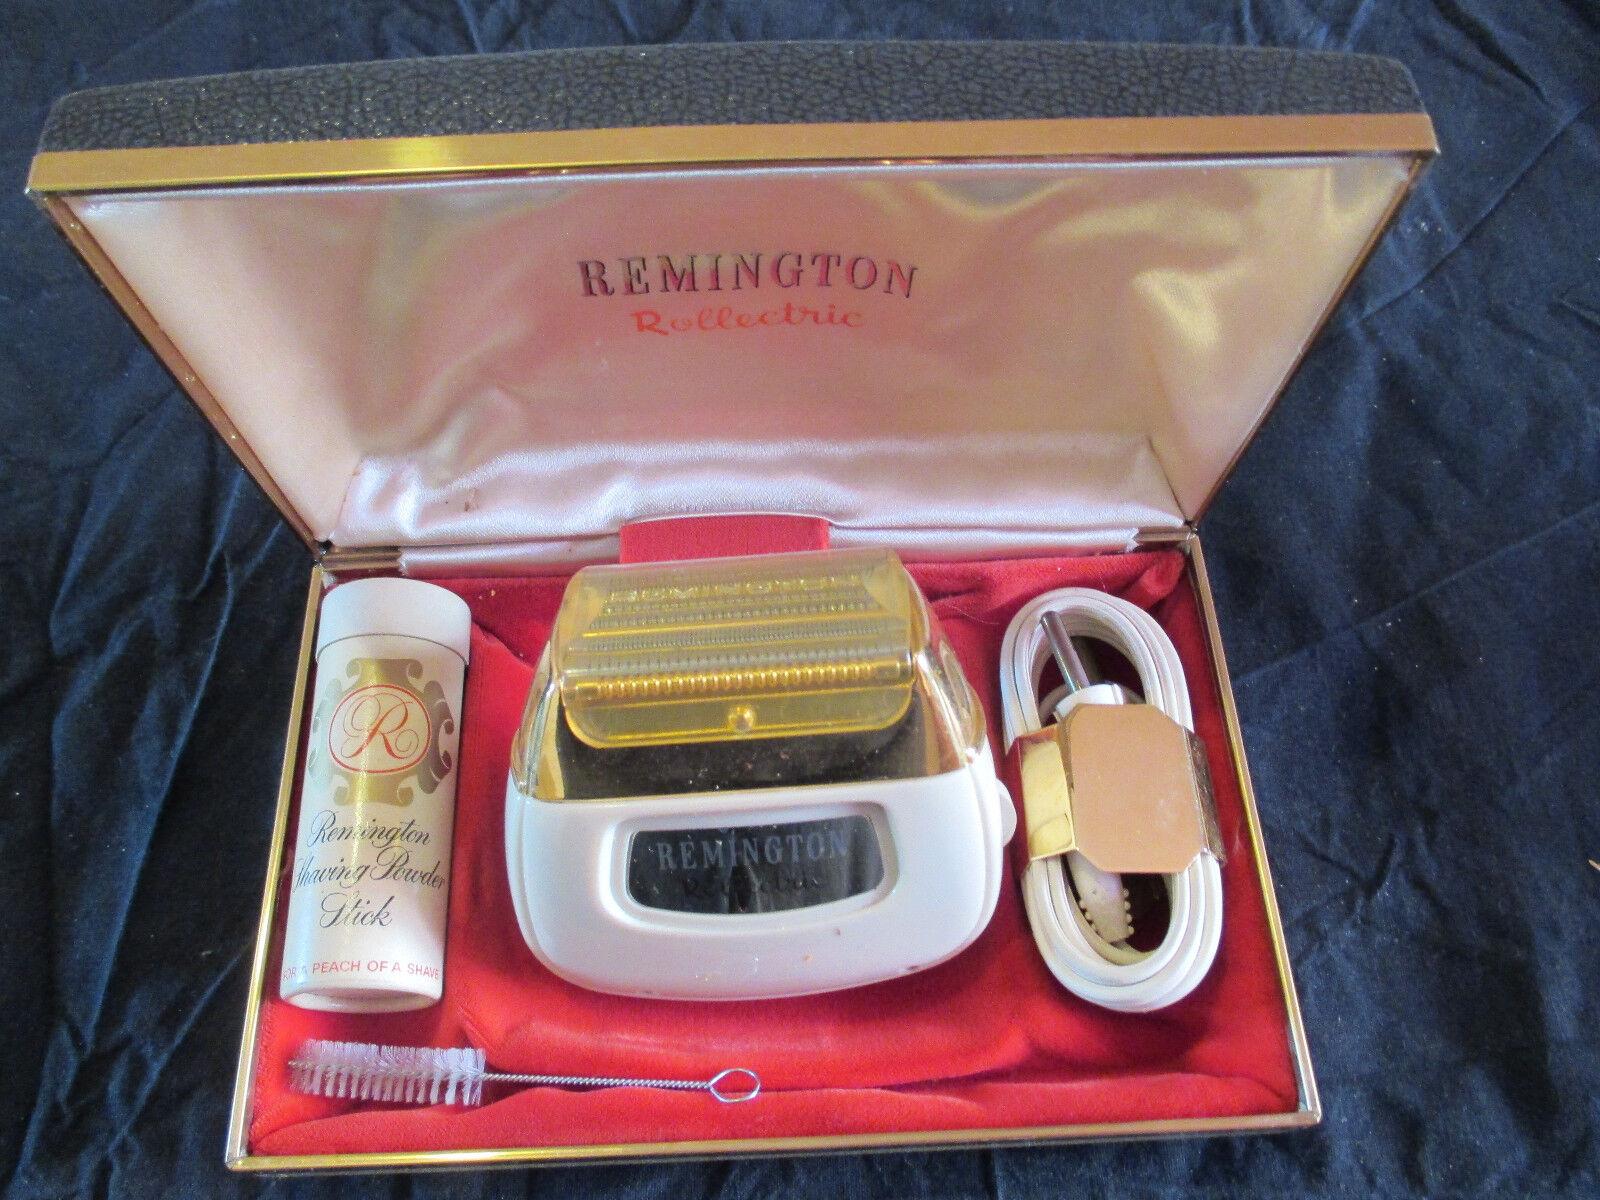 Remington Rollelectric Elektrorasier - unbenutzt in OVP 50er , bester Zustand